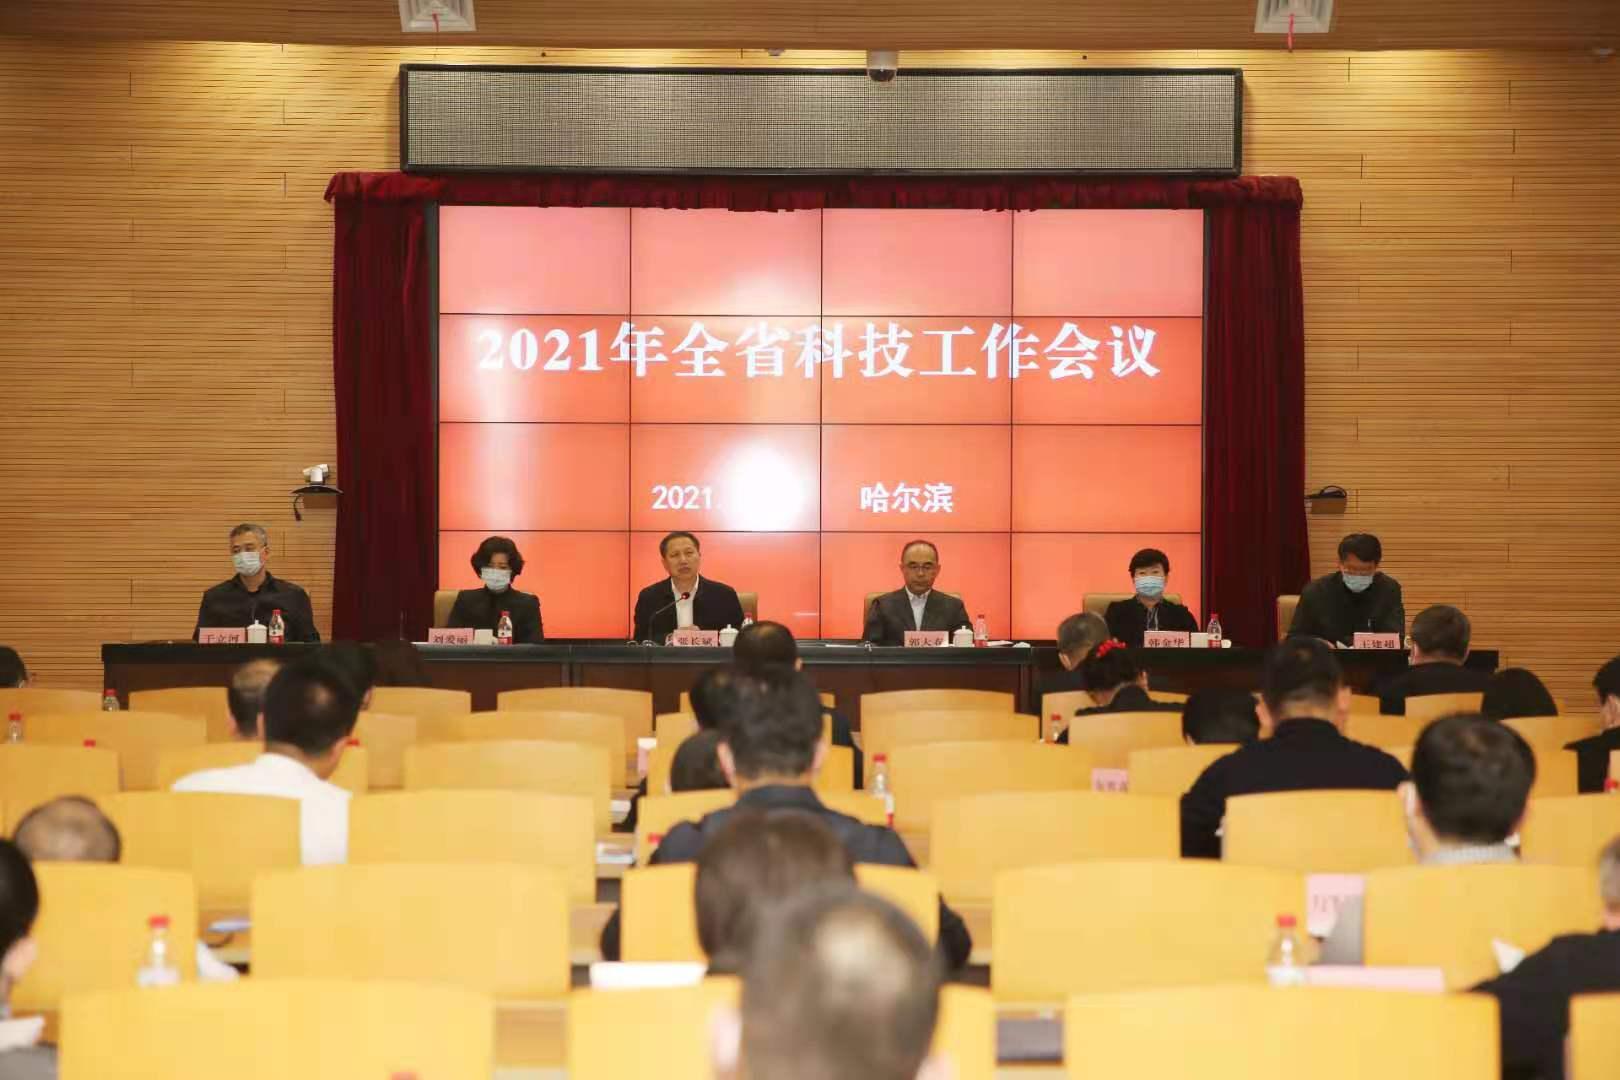 到2025年,黑龙江高新技术企业数量力争突破5000家